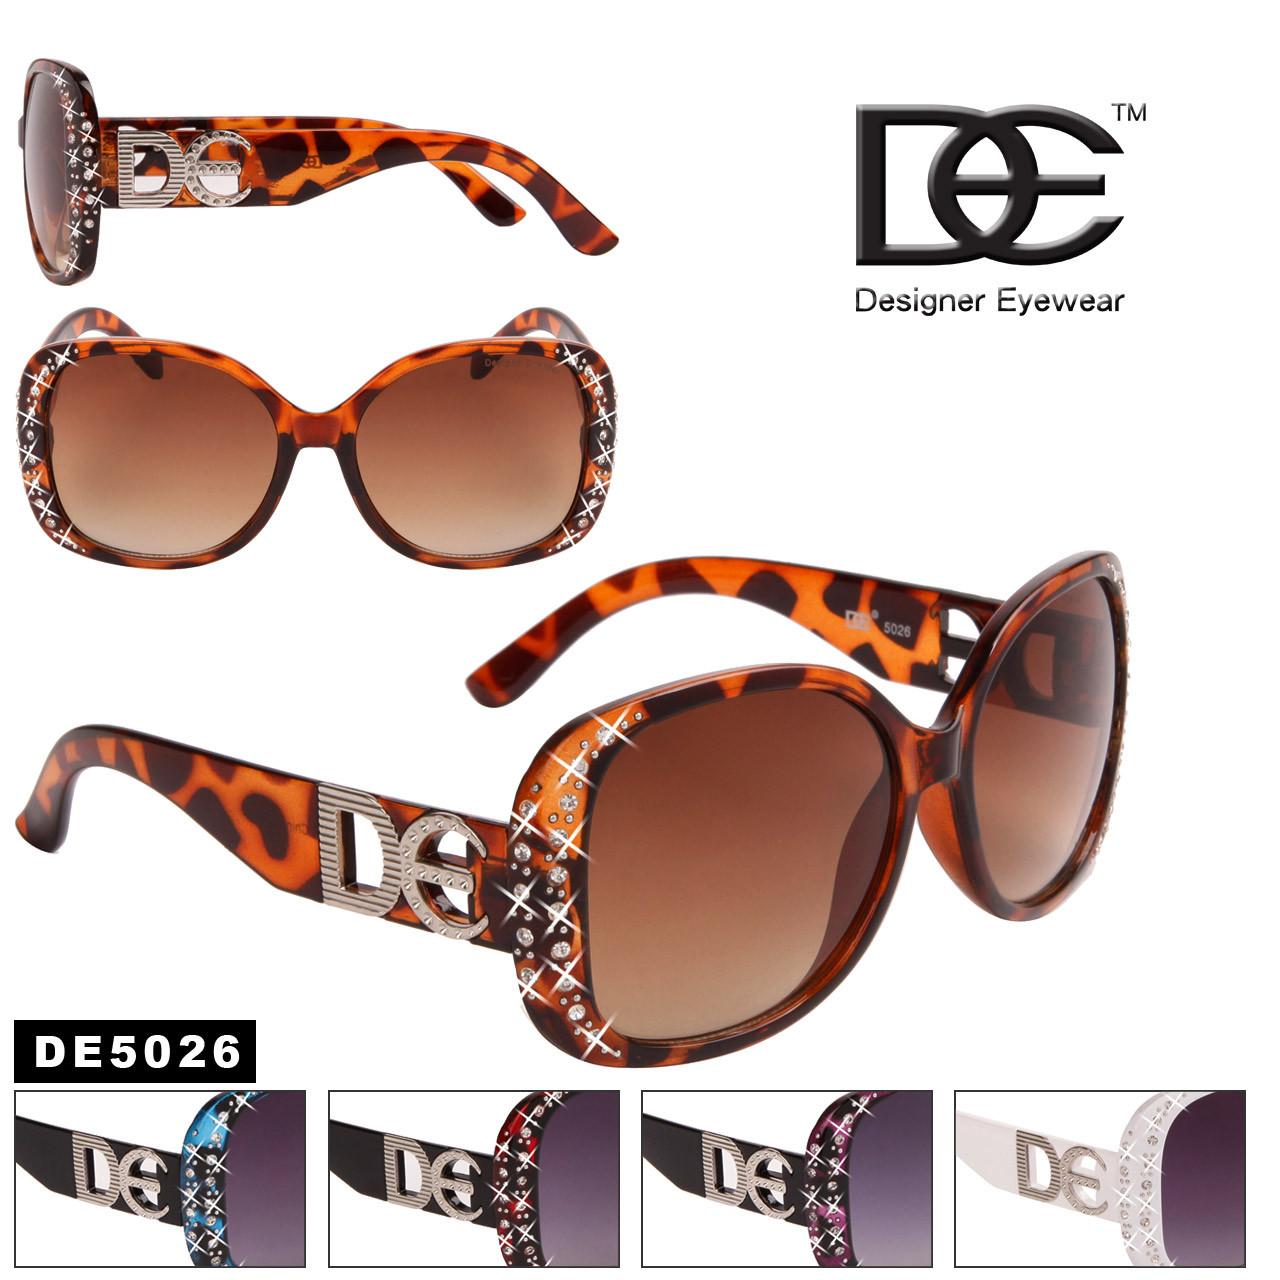 Vintage Sunglasses by the Dozen - Style #DE5026